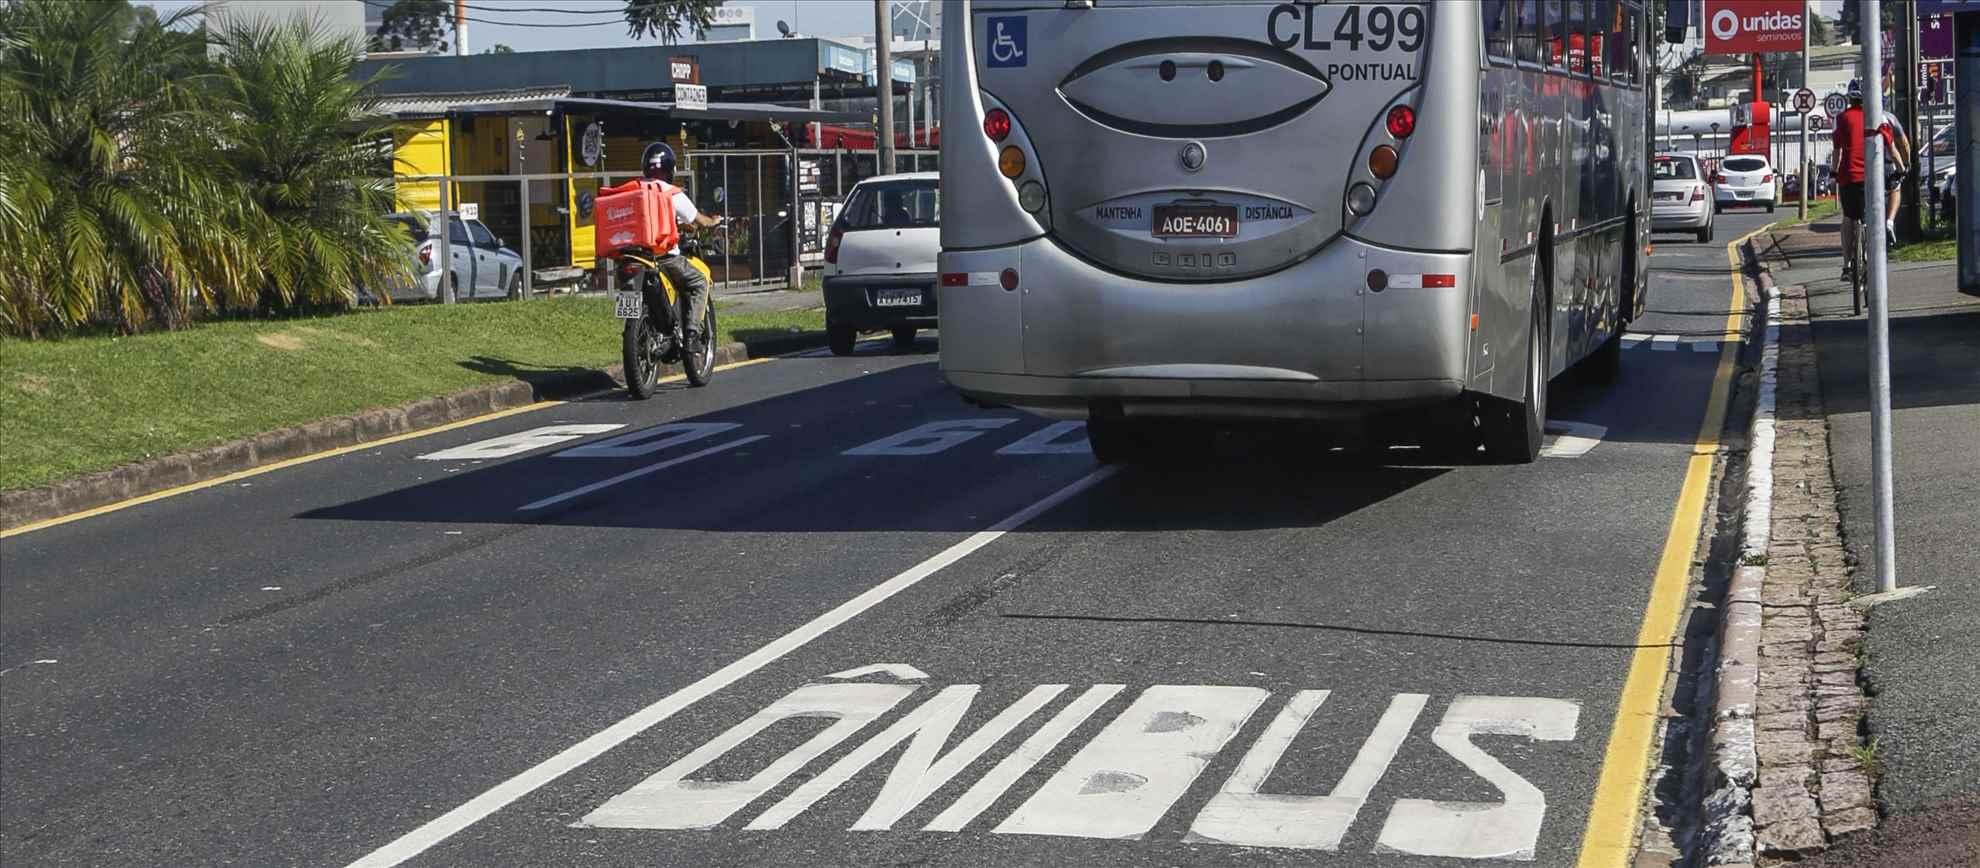 faixa exclusiva para ônibus